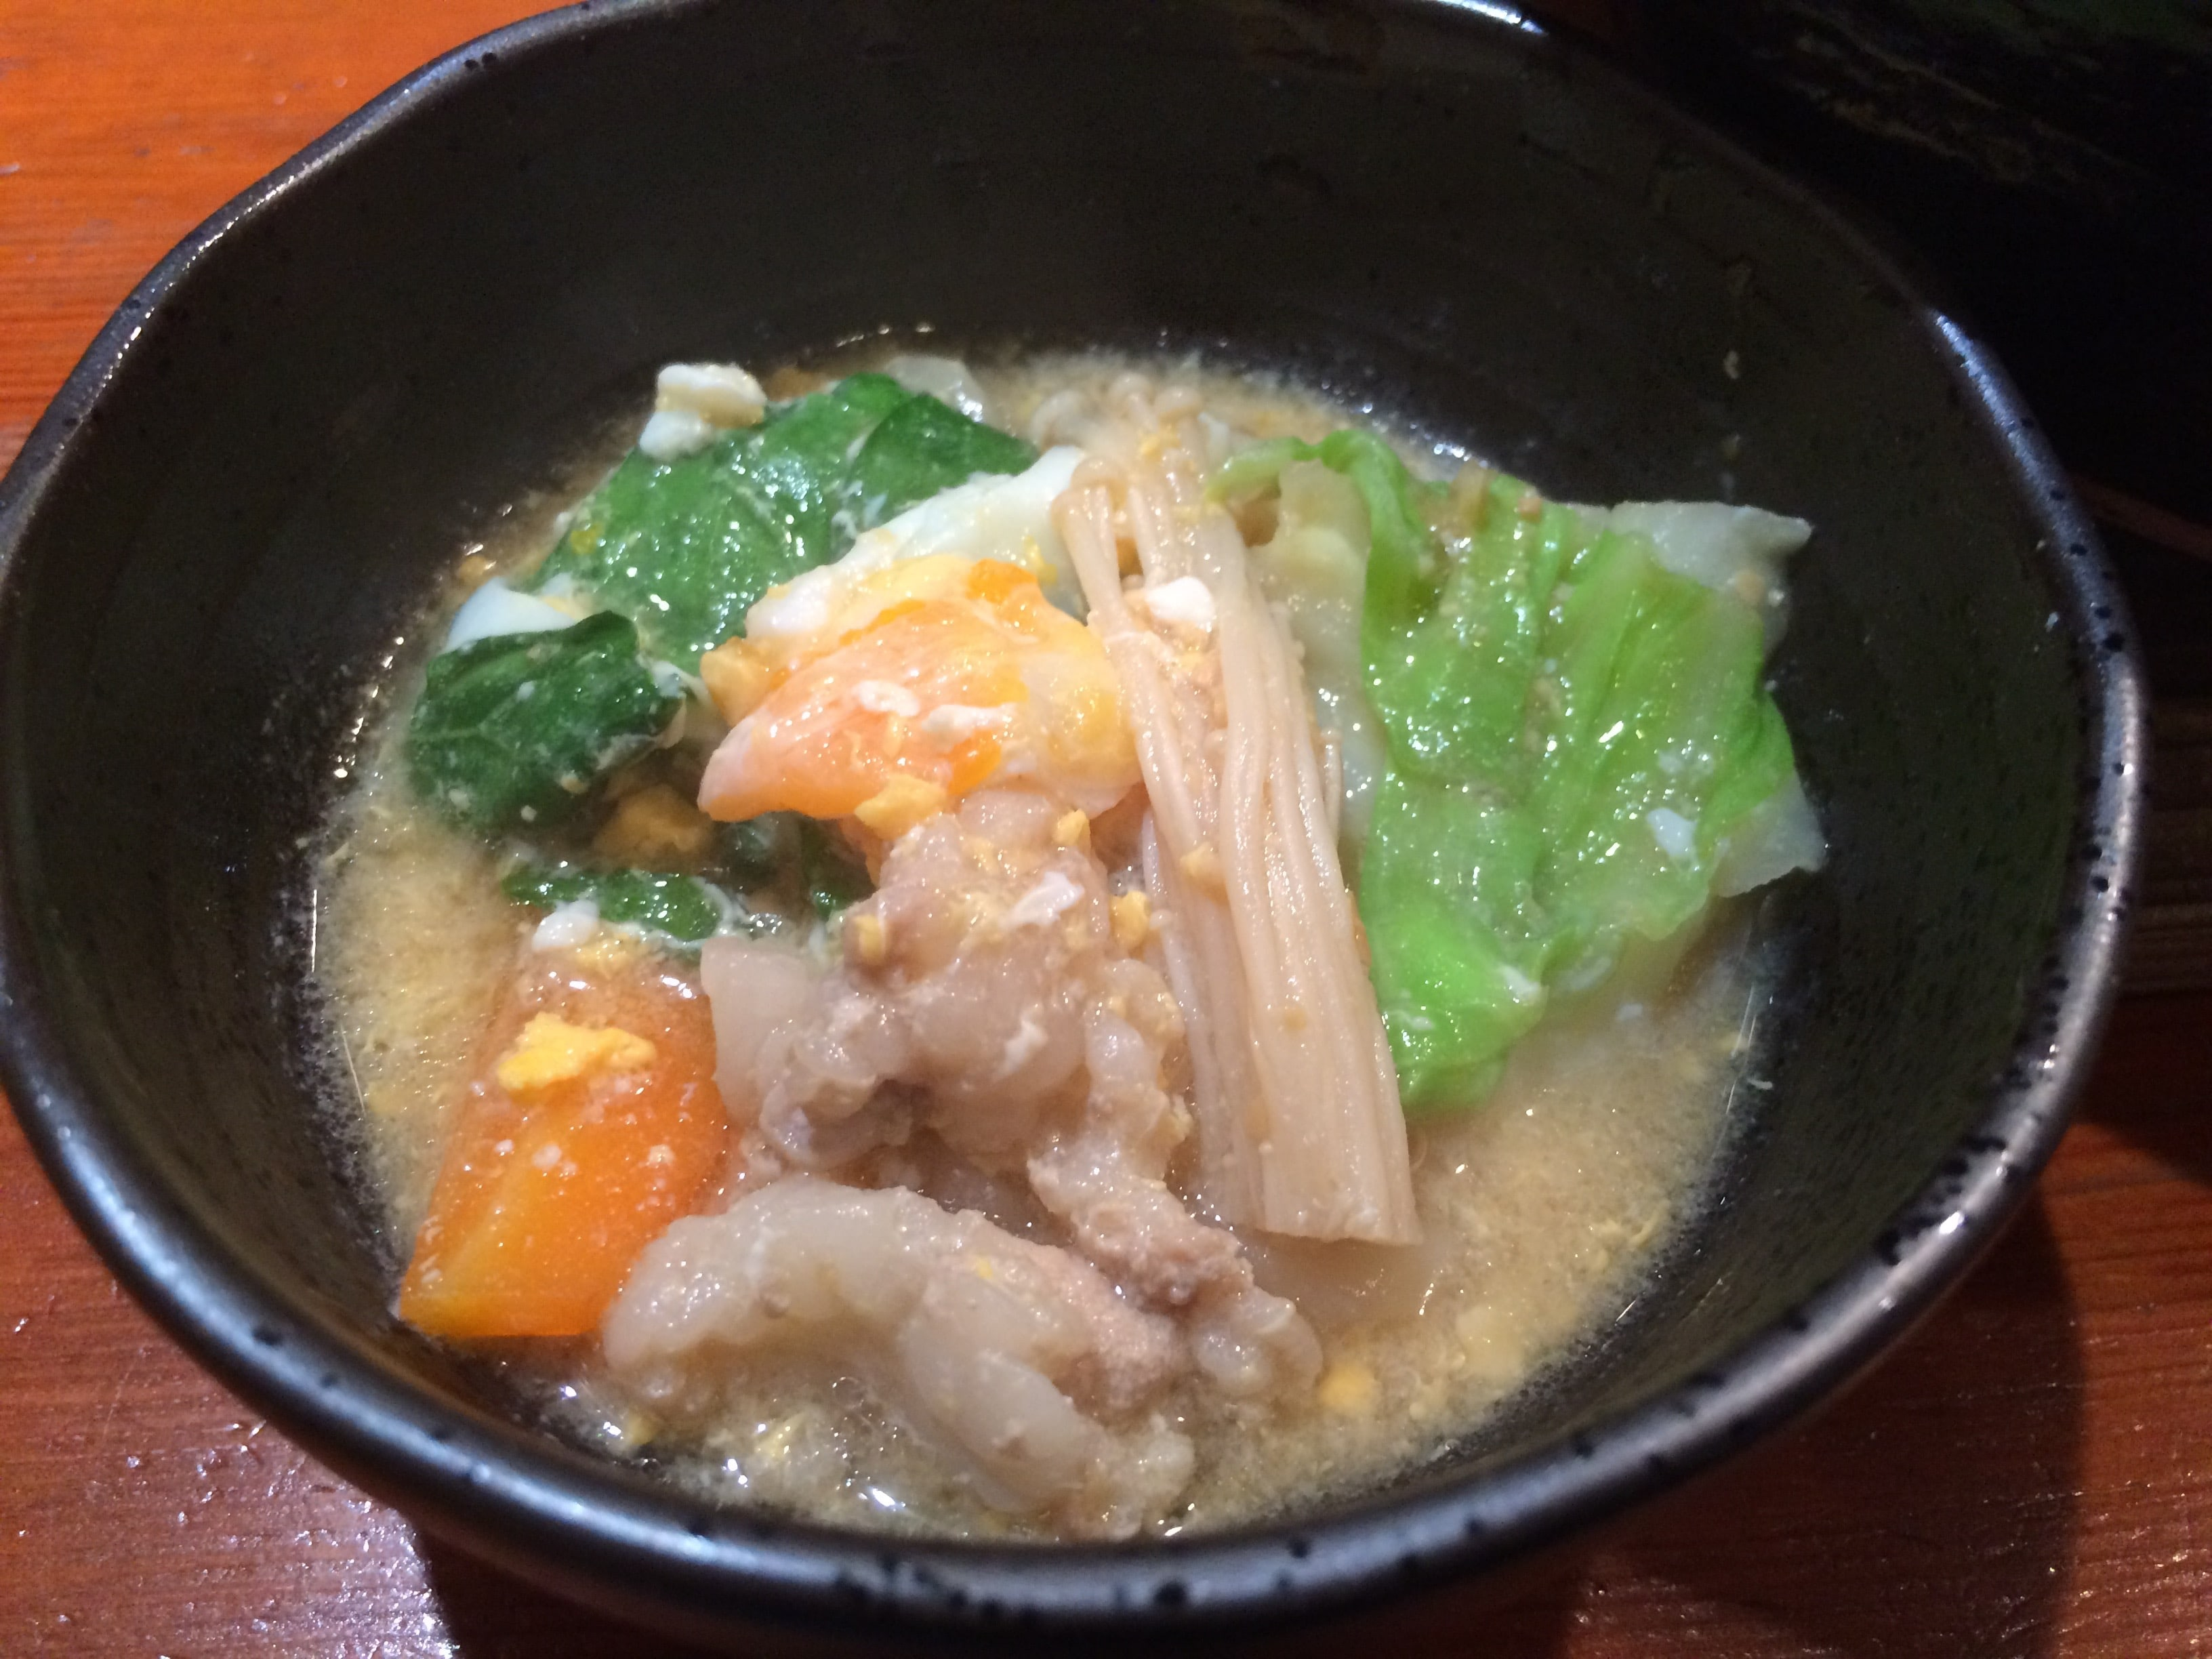 20151201.17.food-5-min